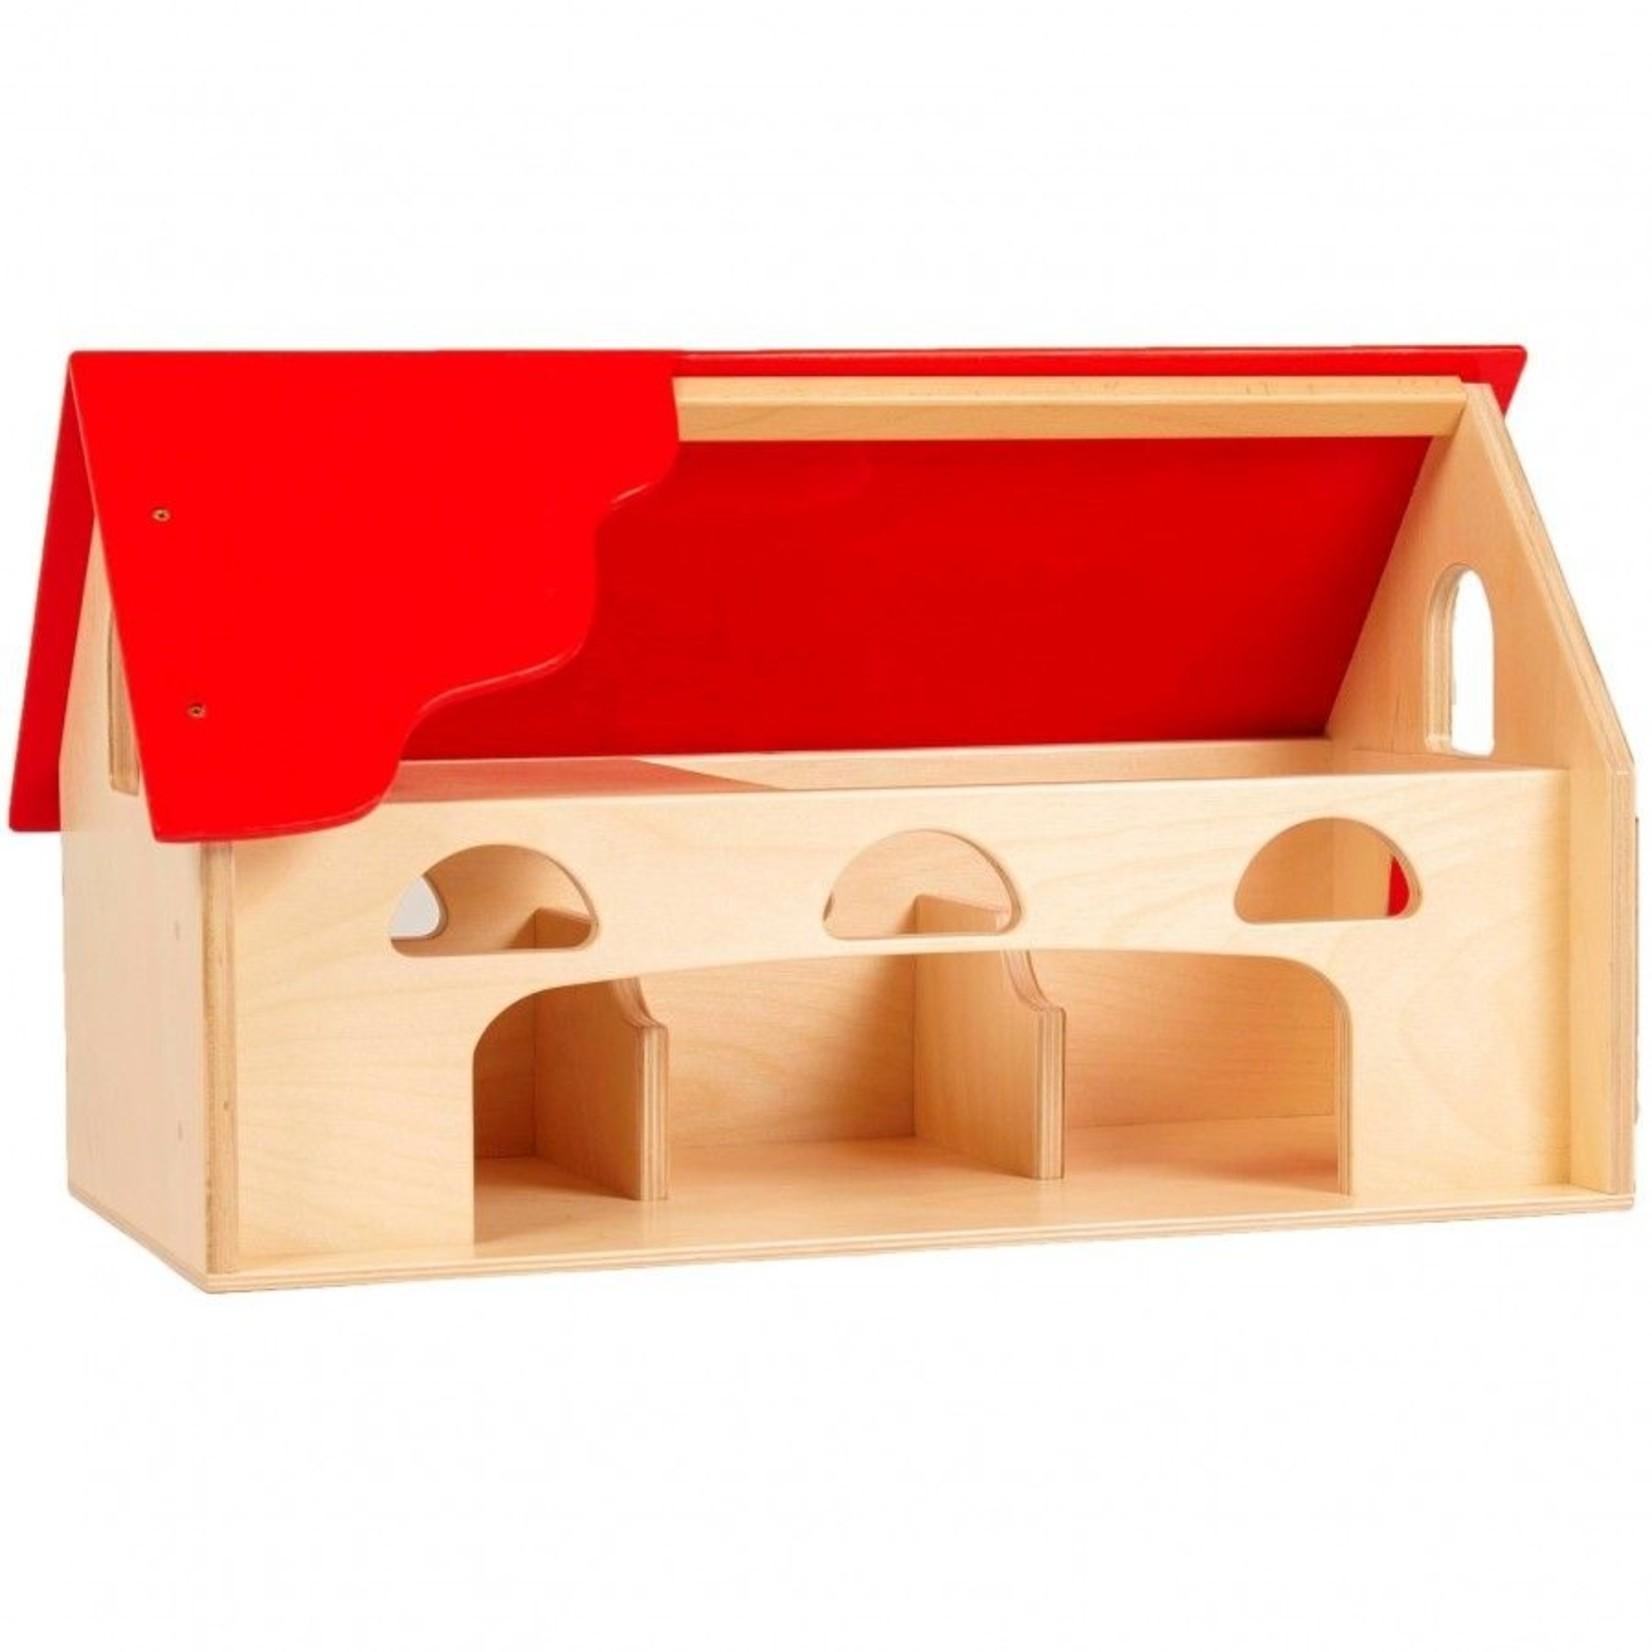 Van Dijk Toys Houten Boerderij met rood dak en ruime speel opening